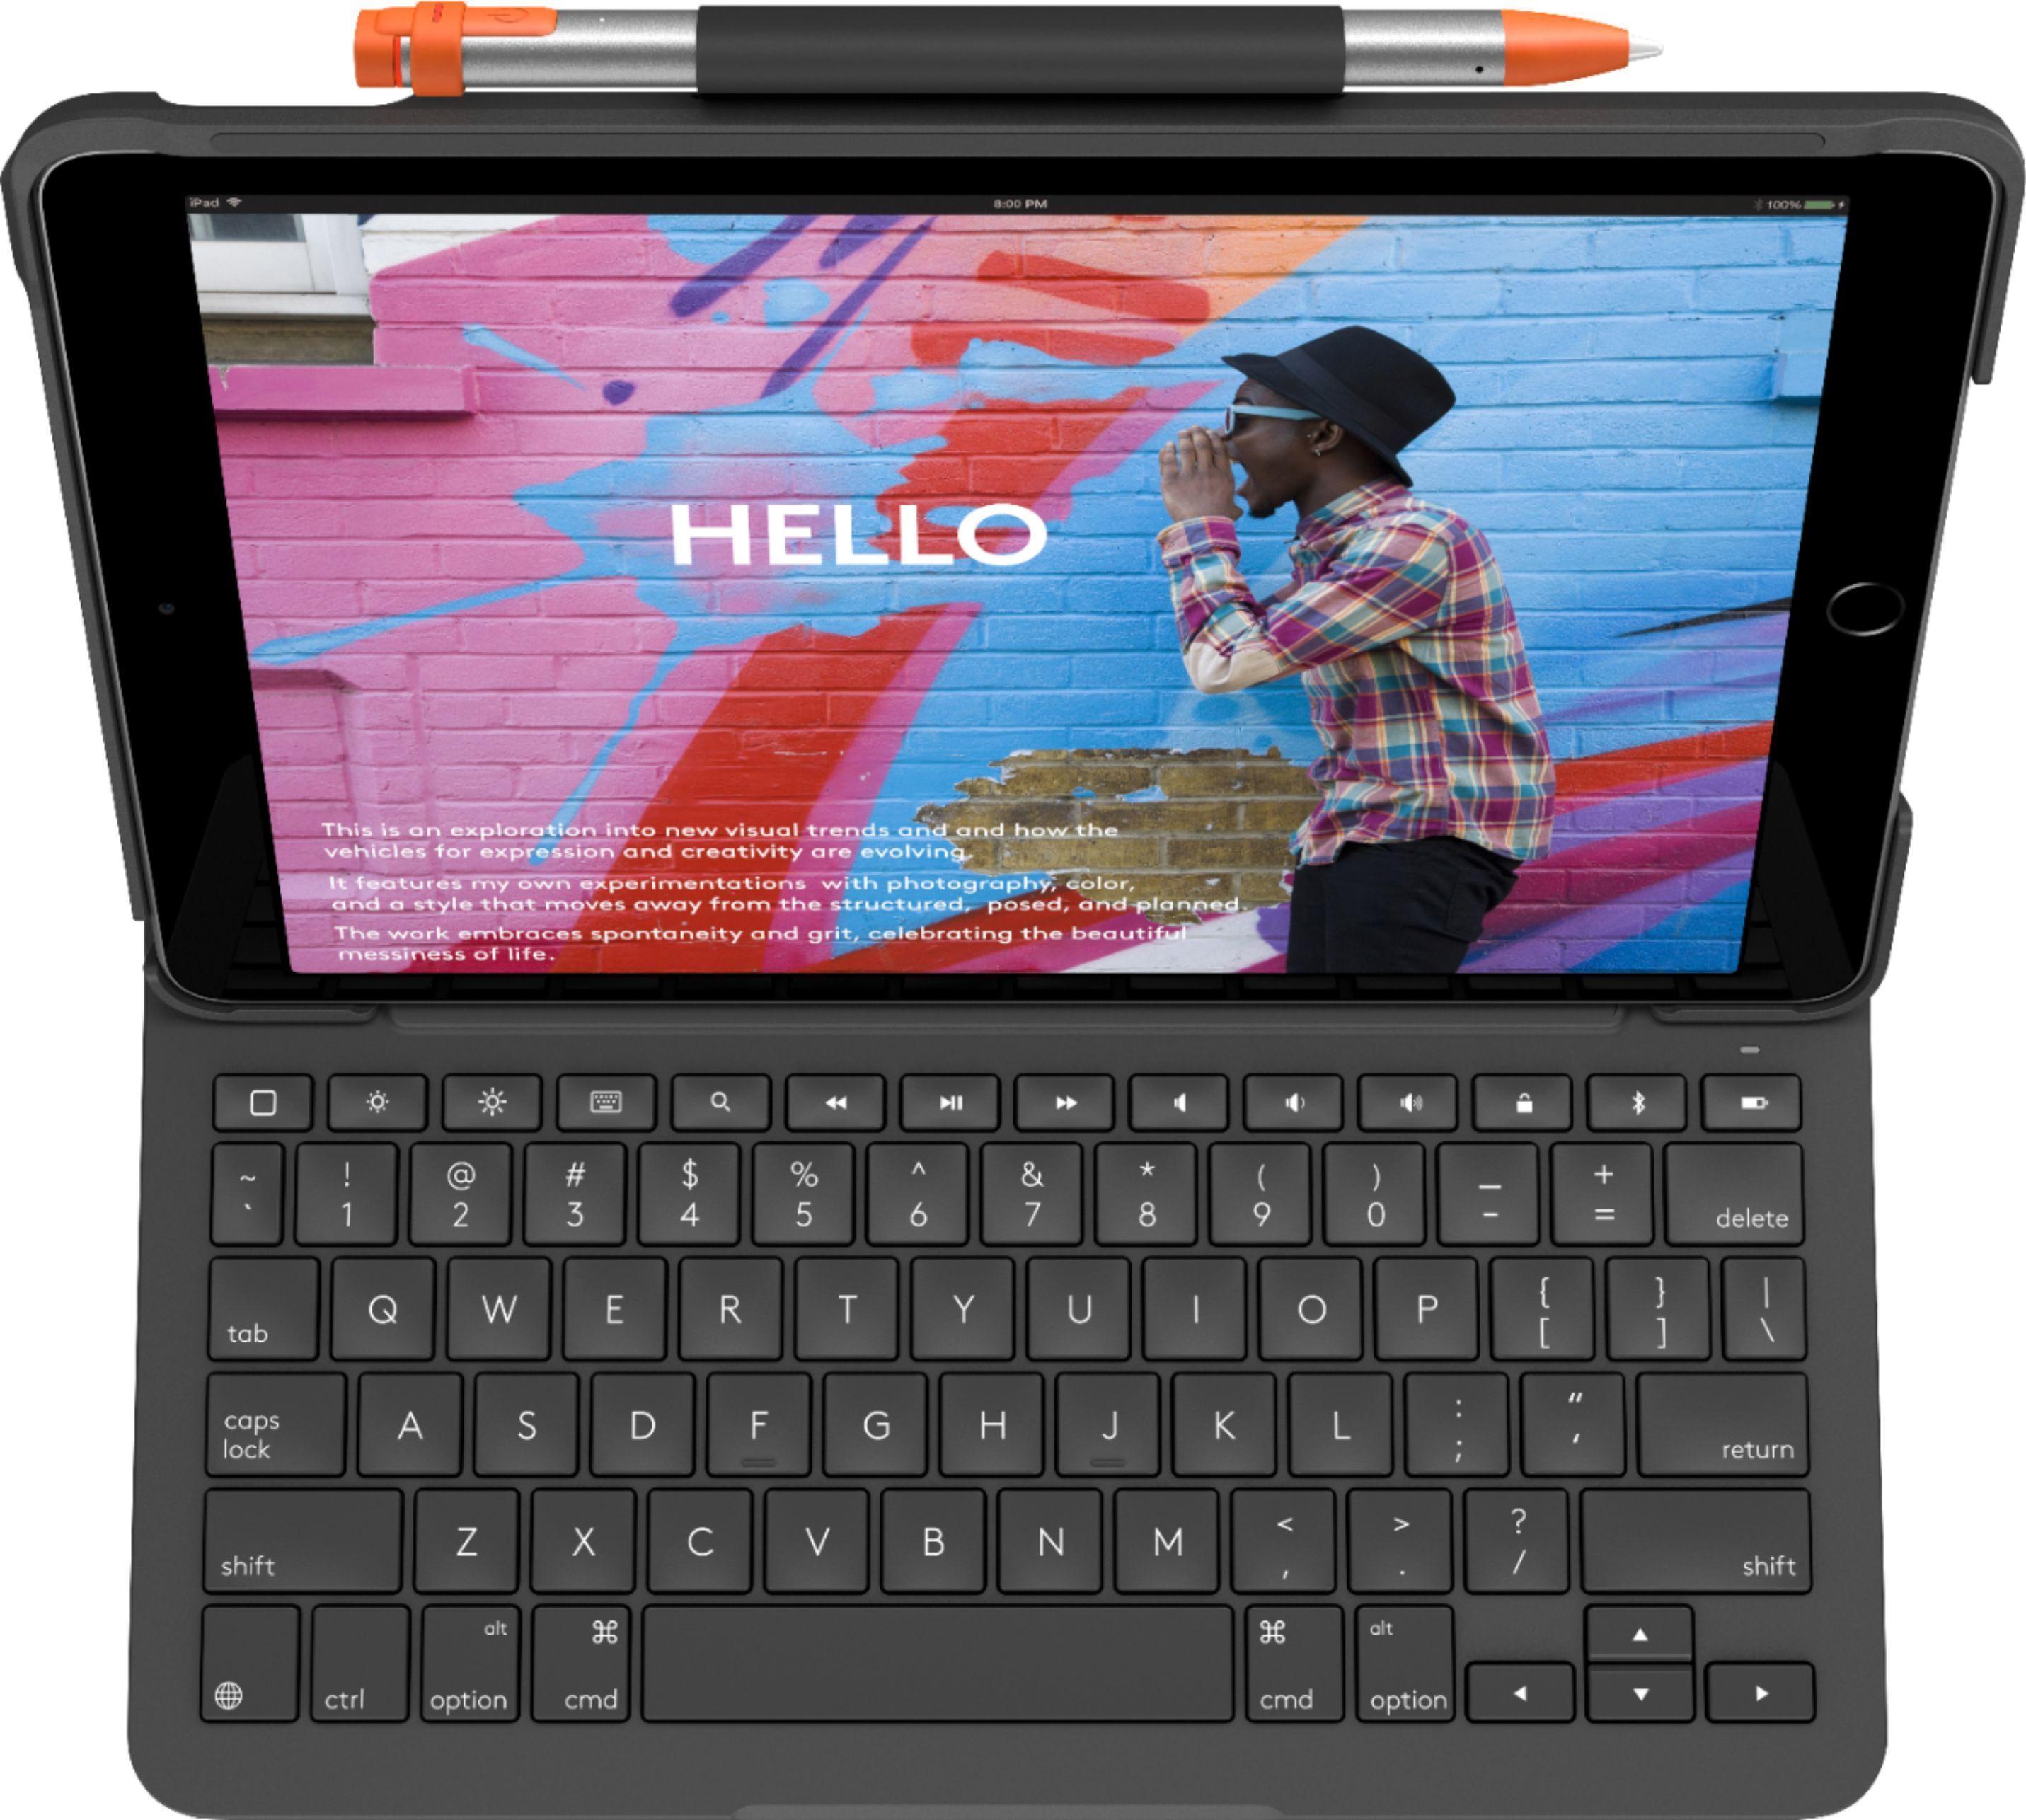 Logitech Slim Folio Keyboard Case For Apple Ipad 7th Generation 2019 Graphite 920 009473 Best Keyboard Case Logitech Apple Ipad